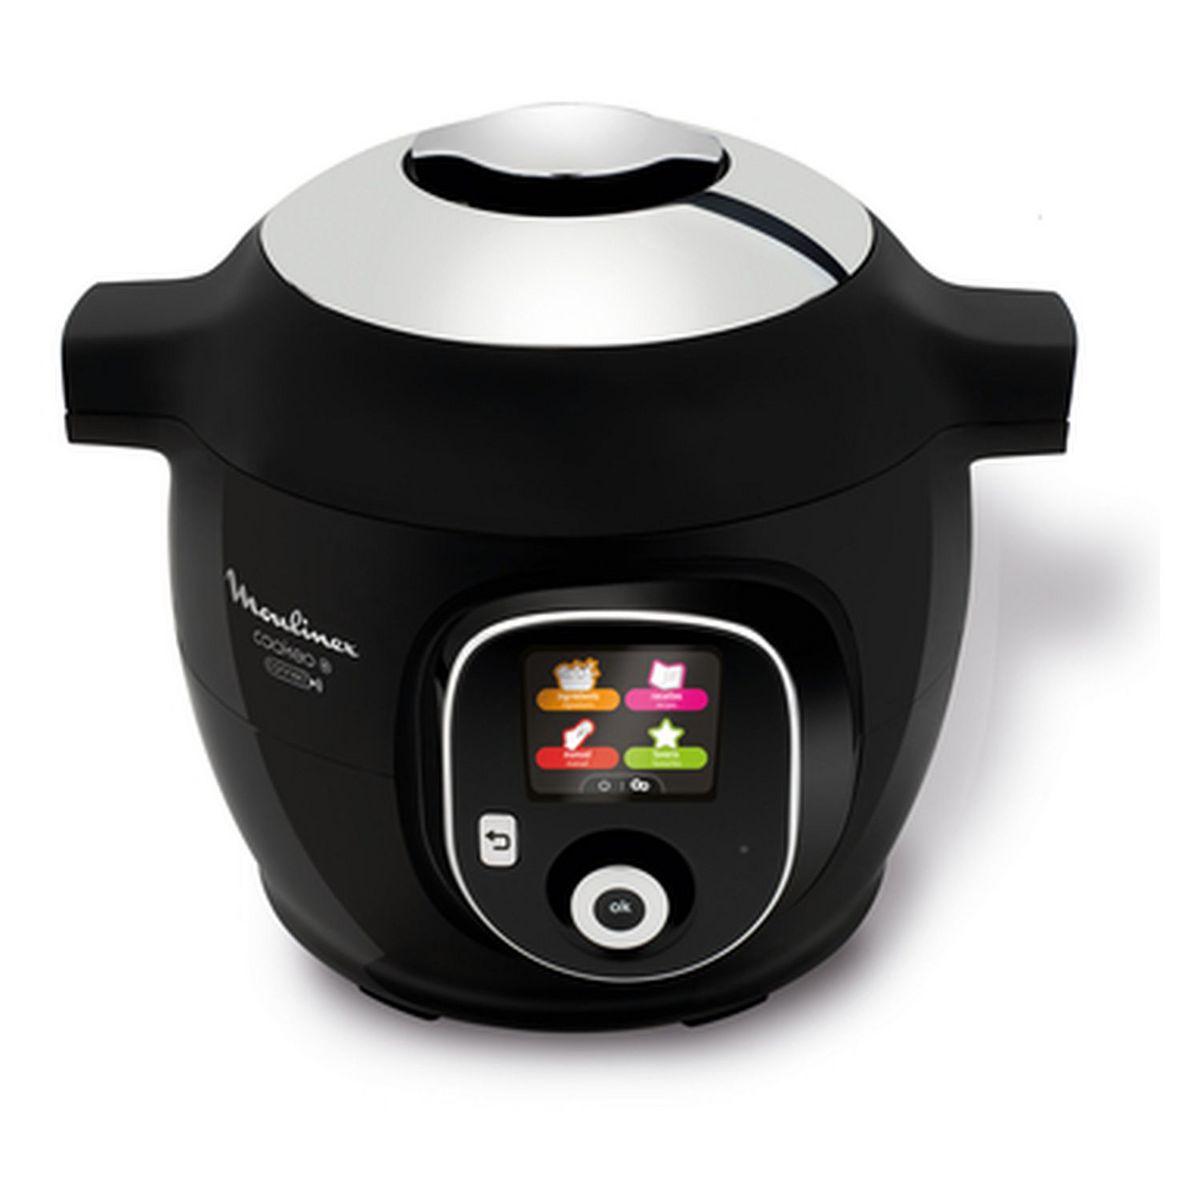 Multicuiseur intelligent COOKEO Connect Noir 200 recettes - CE857800